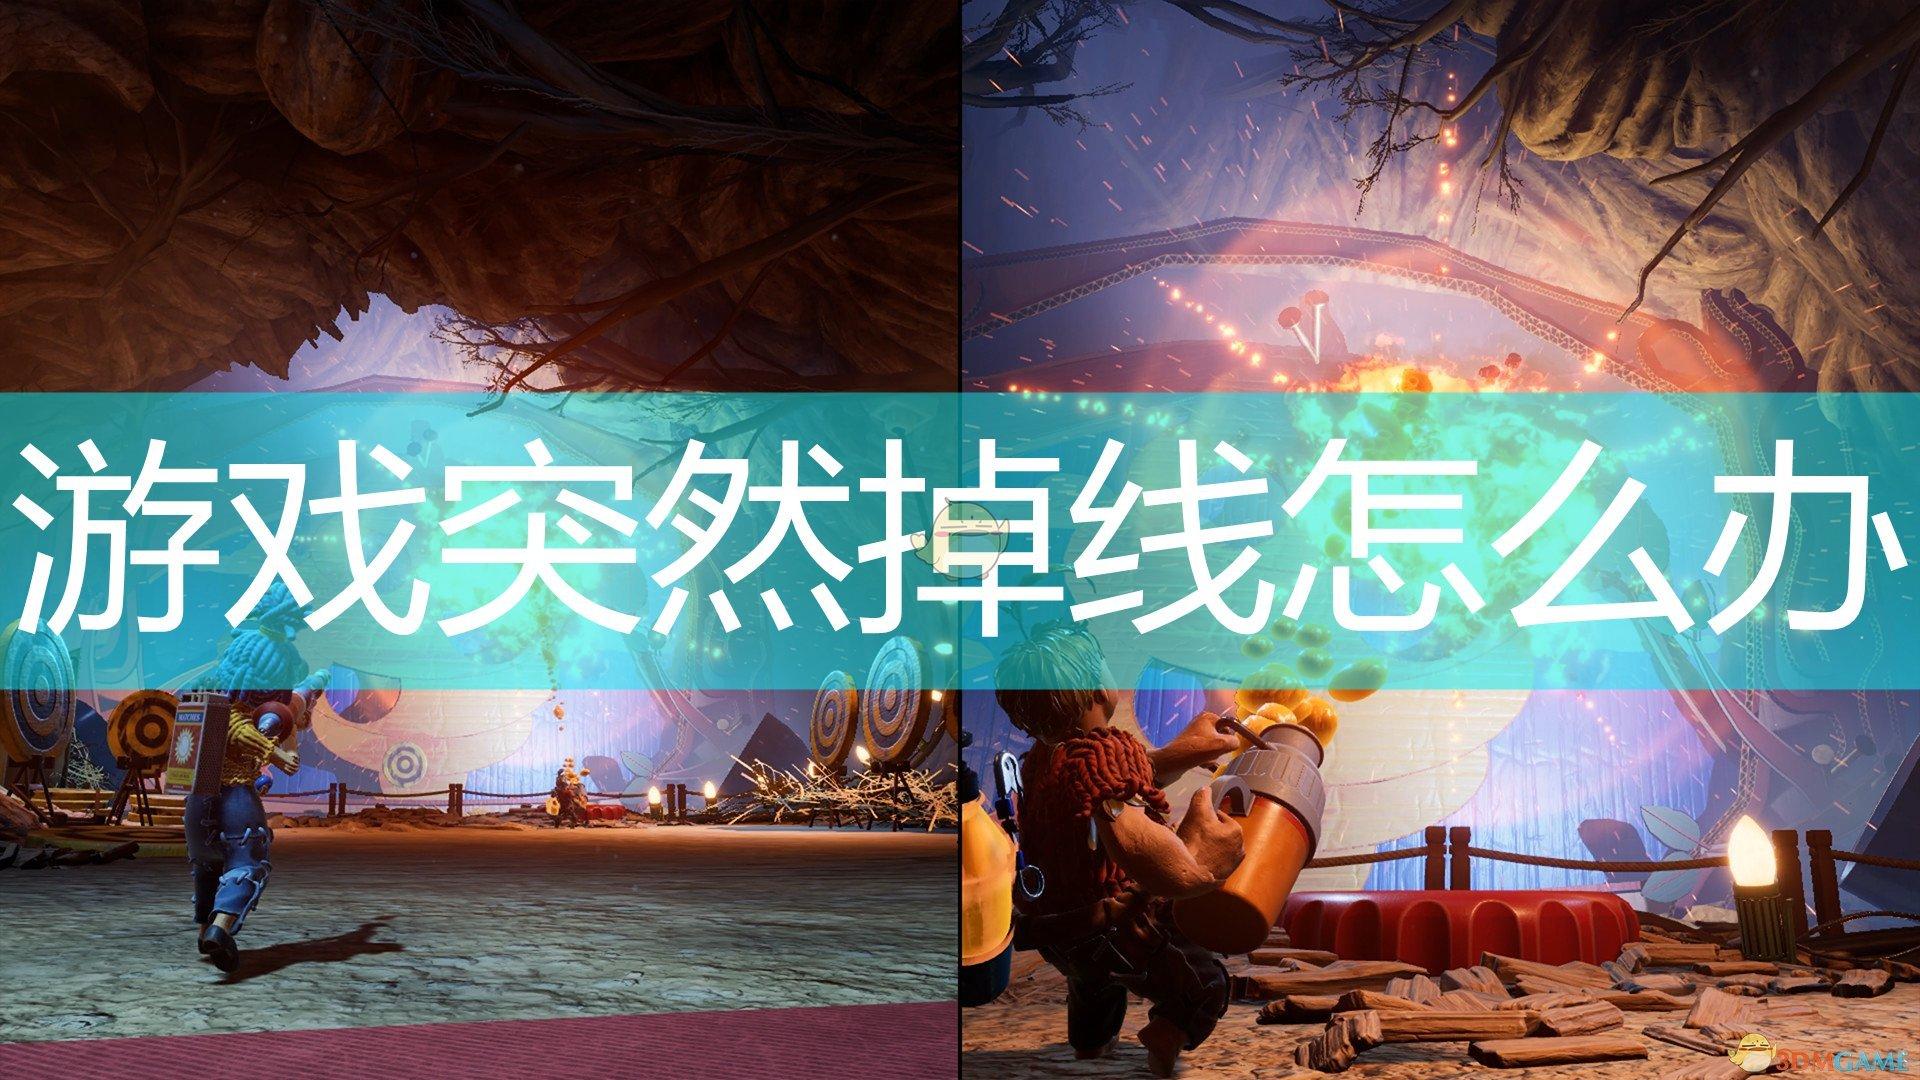 《双人成行》游戏游玩掉线应对方法介绍